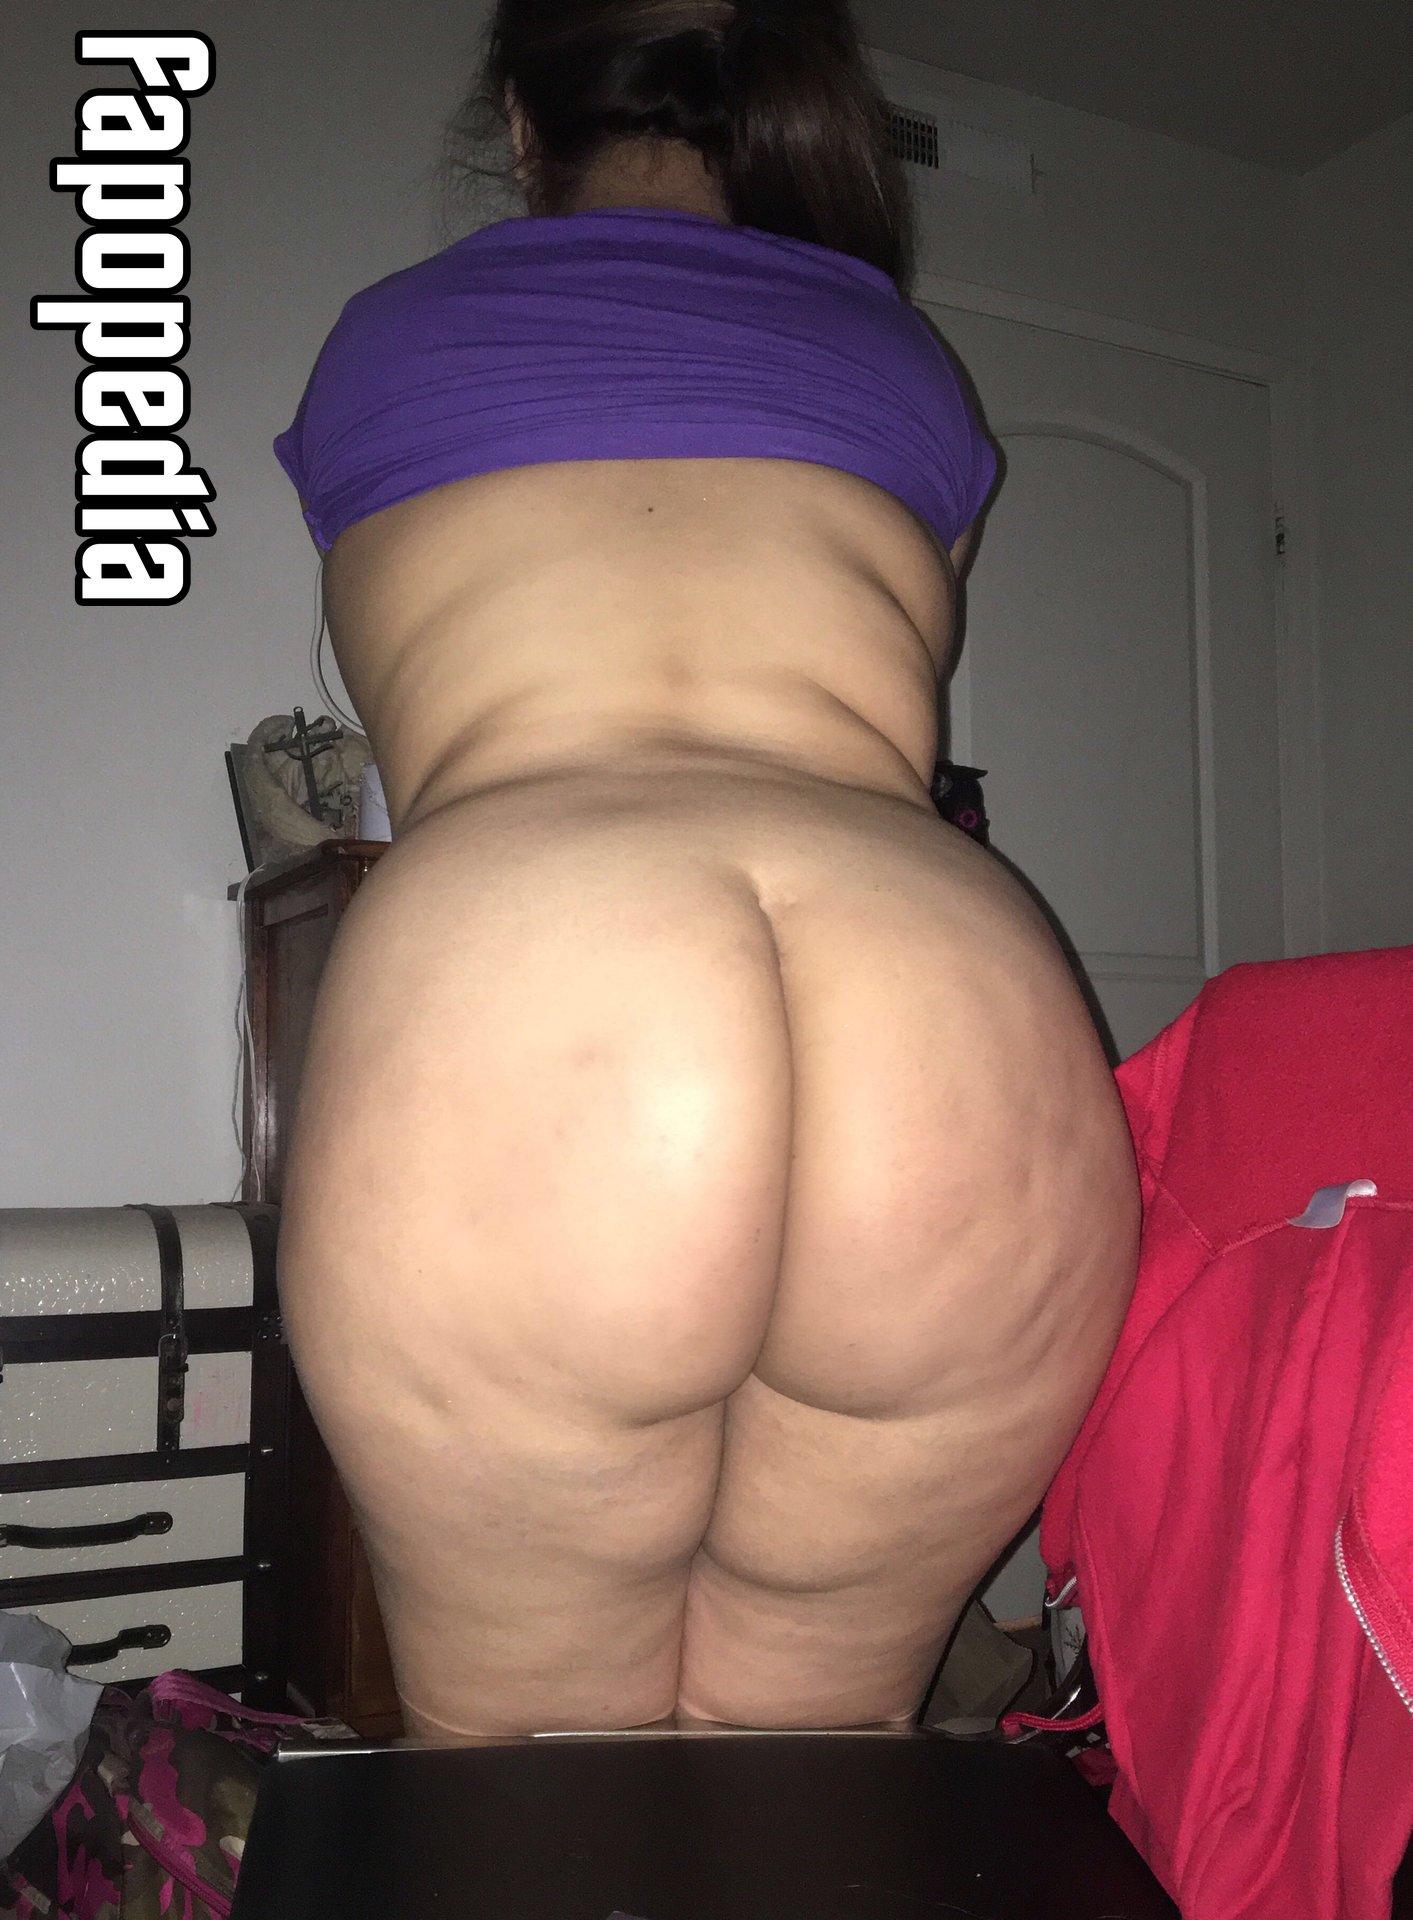 Nutitty Nude OnlyFans Leaks